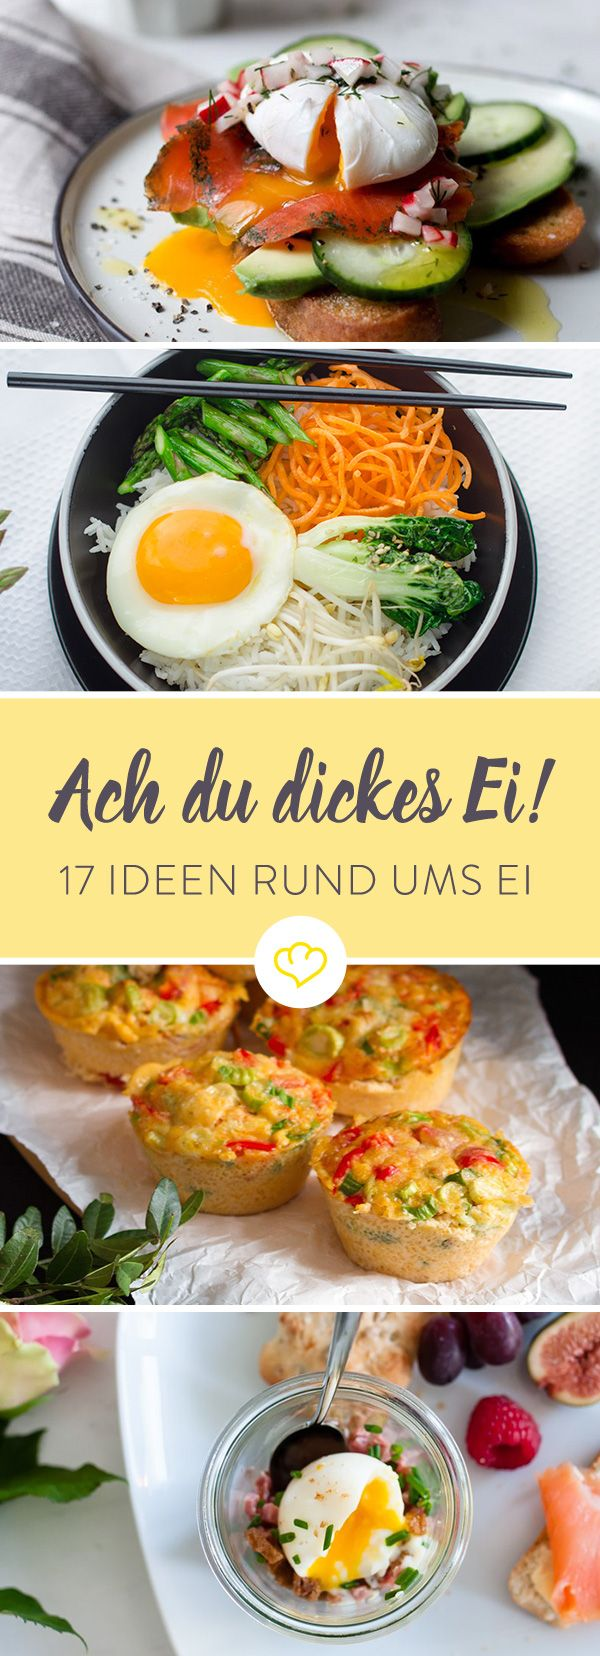 Morgens, abends, gebraten, gebacken, pochiert oder gekocht - wir haben für dich 17 neue Ideen, wie du dein Ei von Montag bis Freitag genießen kannst.